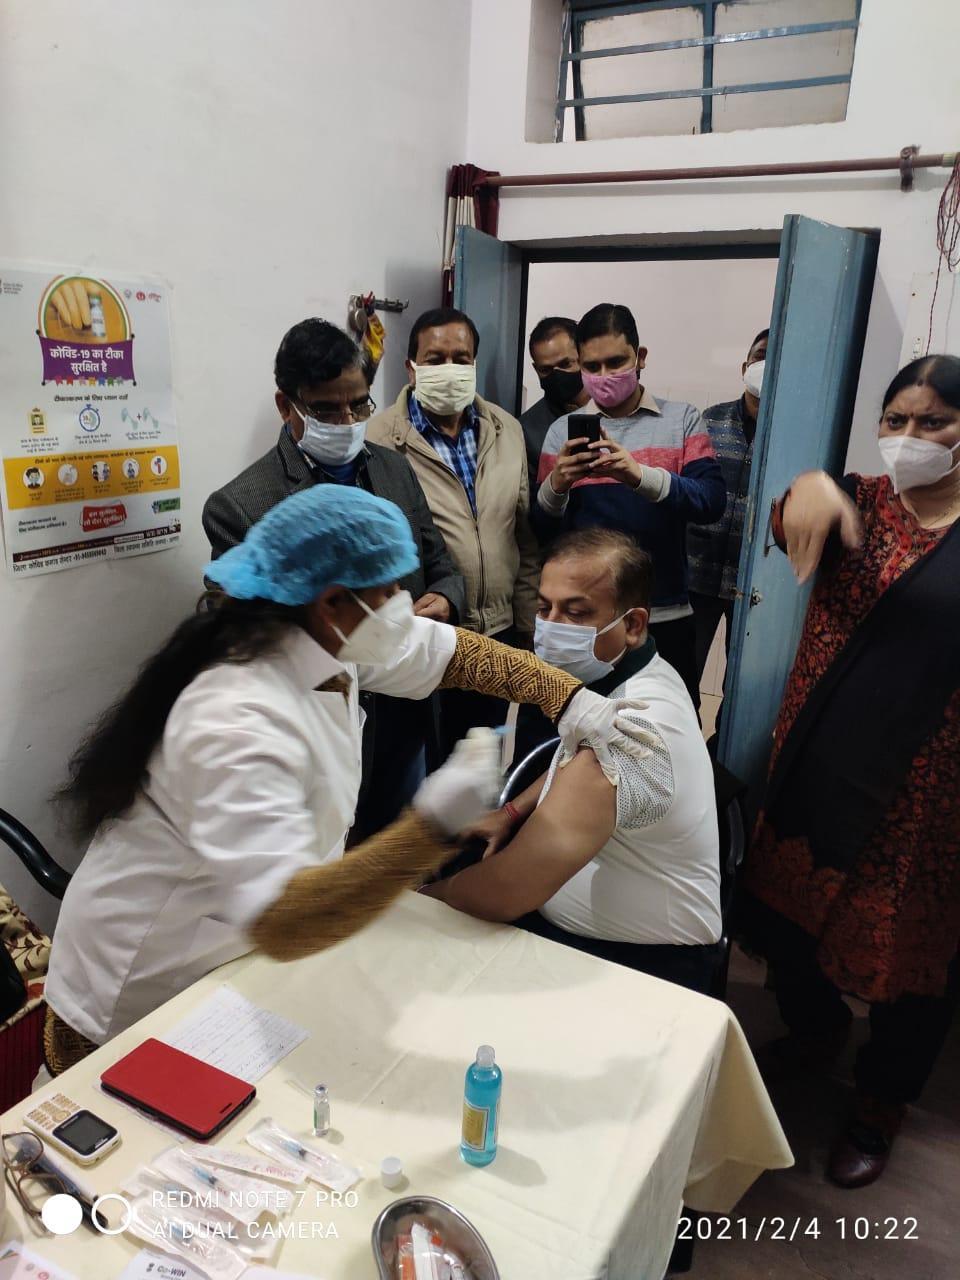 2397 स्वास्थ्यकर्मियों ने लगवाया टीका, 40 केंद्रों पर स्वास्थ्यकर्मियों का हुआ कोविड टीकाकरण